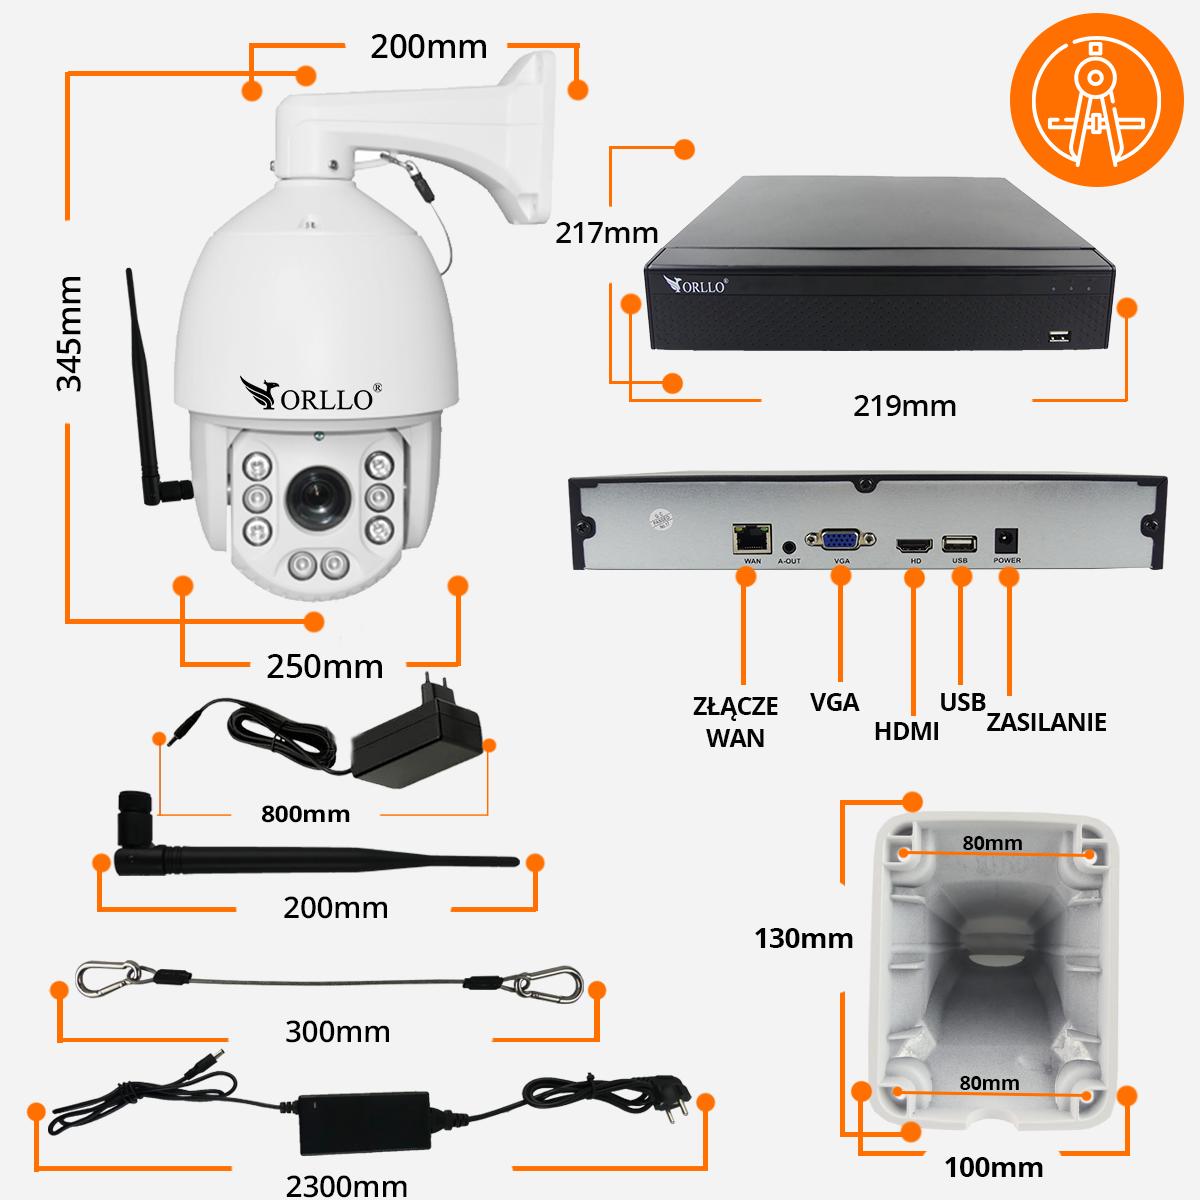 kamera-bezprzewodowa-specyfikacja- obrotowa zoom